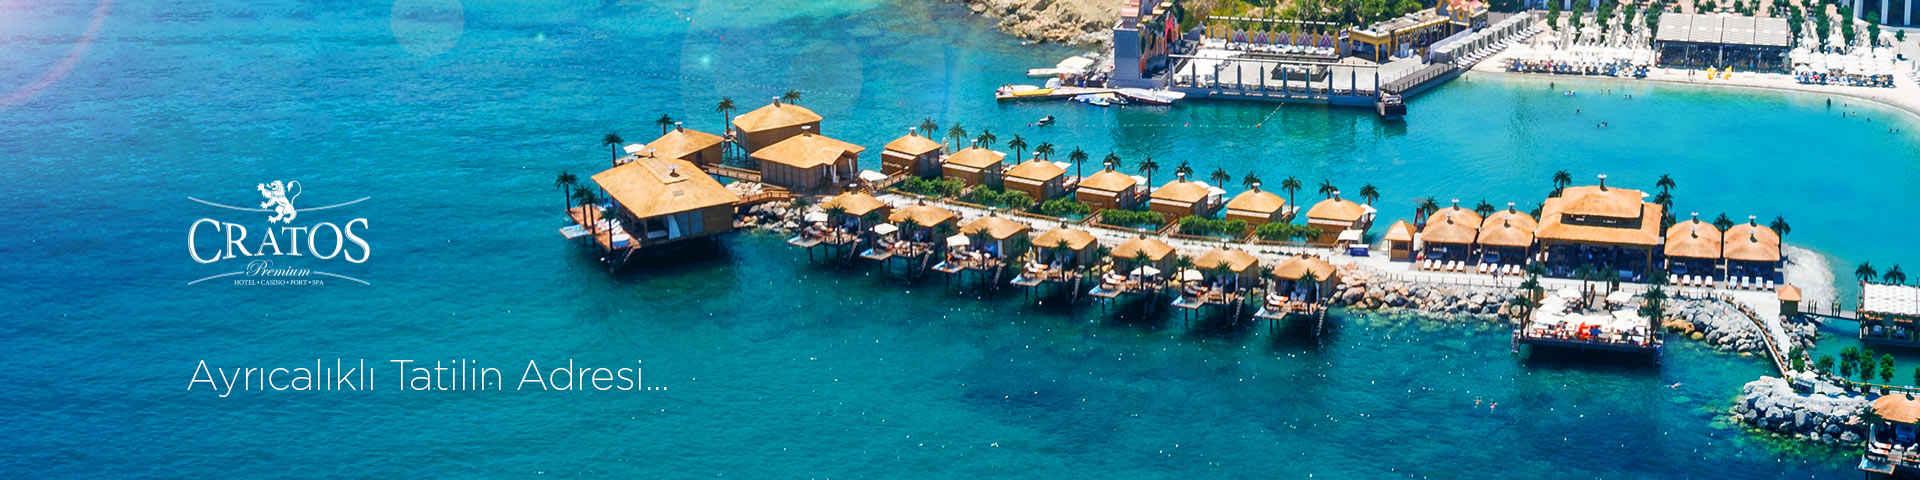 Cratos Premium Hotel & Casino & Port & Spa